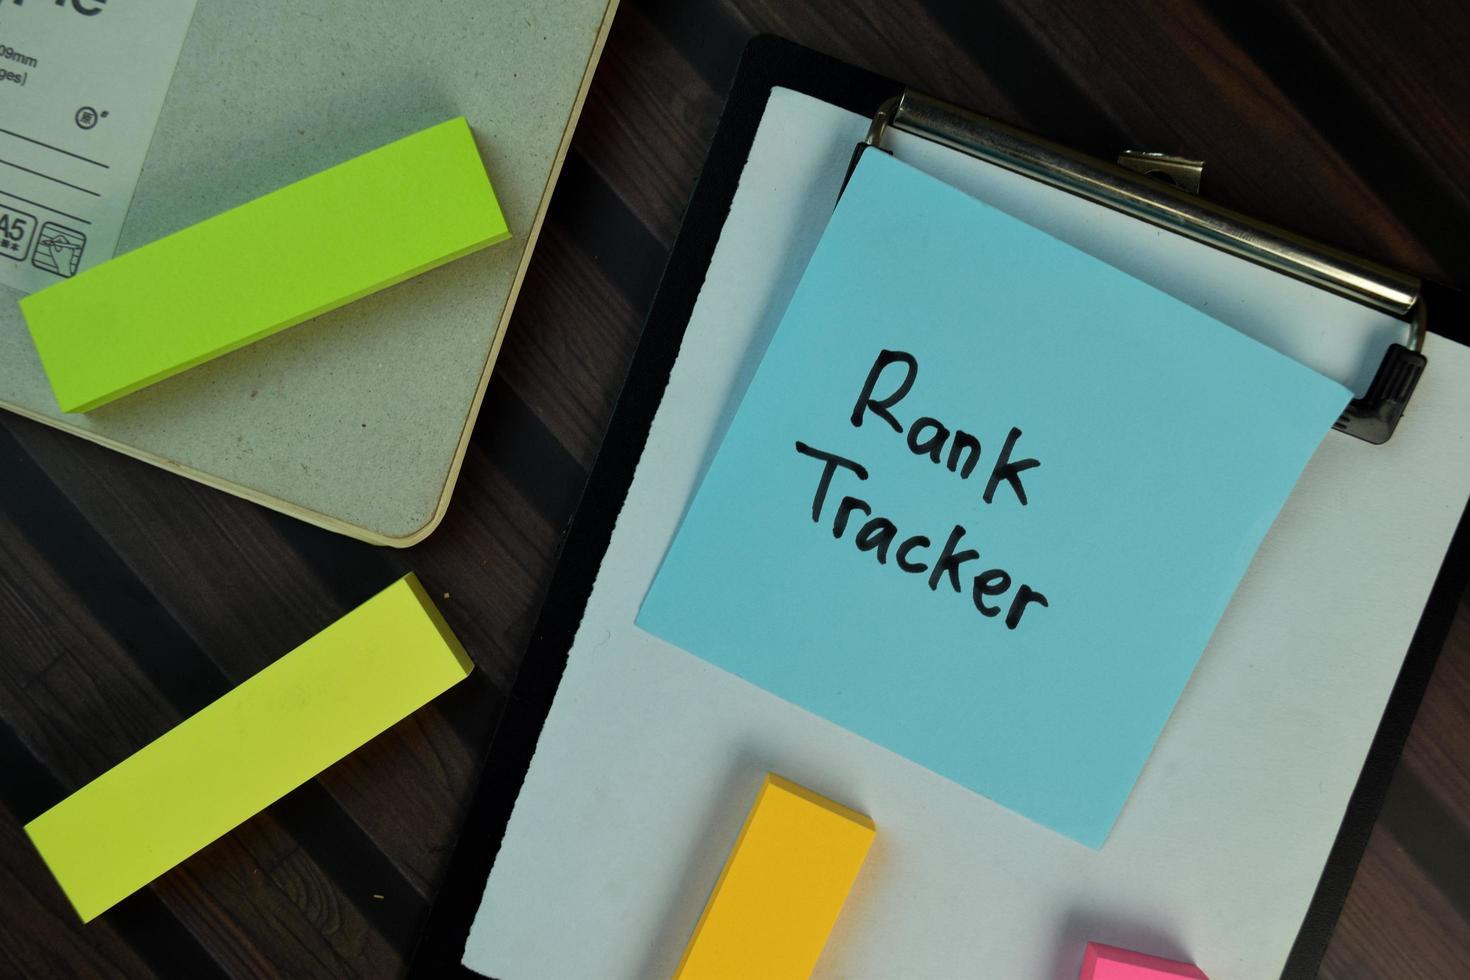 rank tracker skriven på fästis isolerad på träbord foto